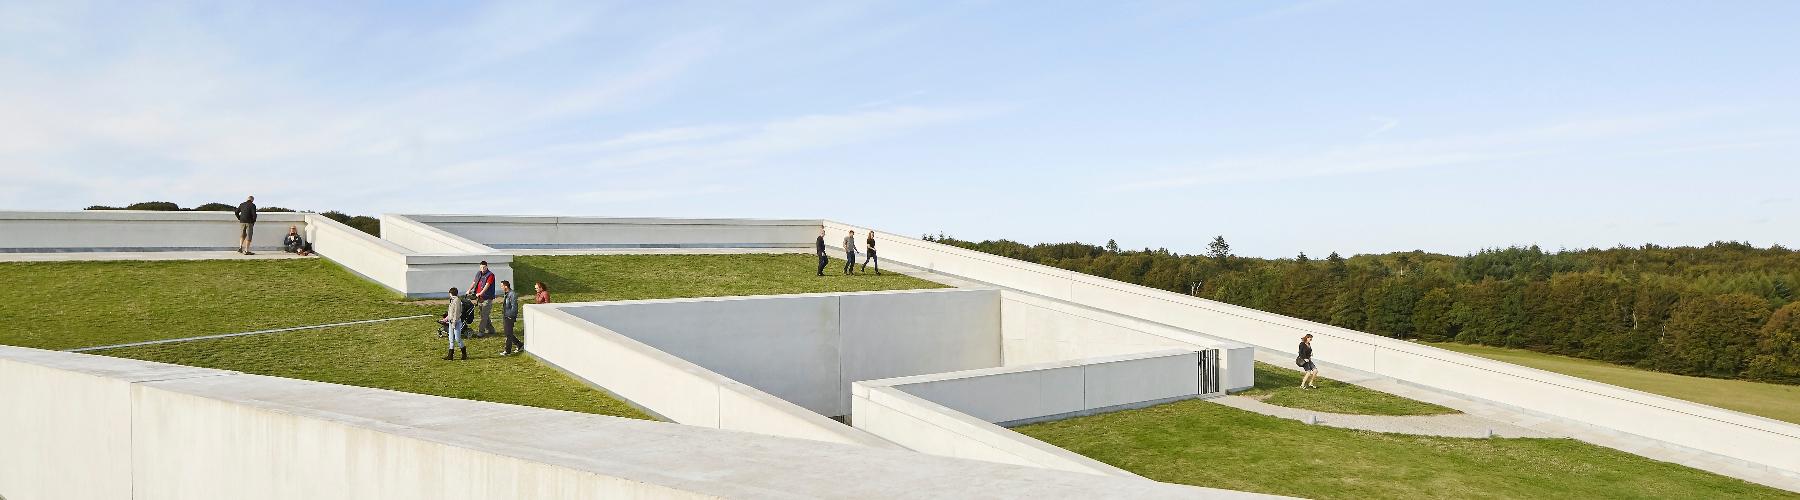 Henning Larsen Architects cover image